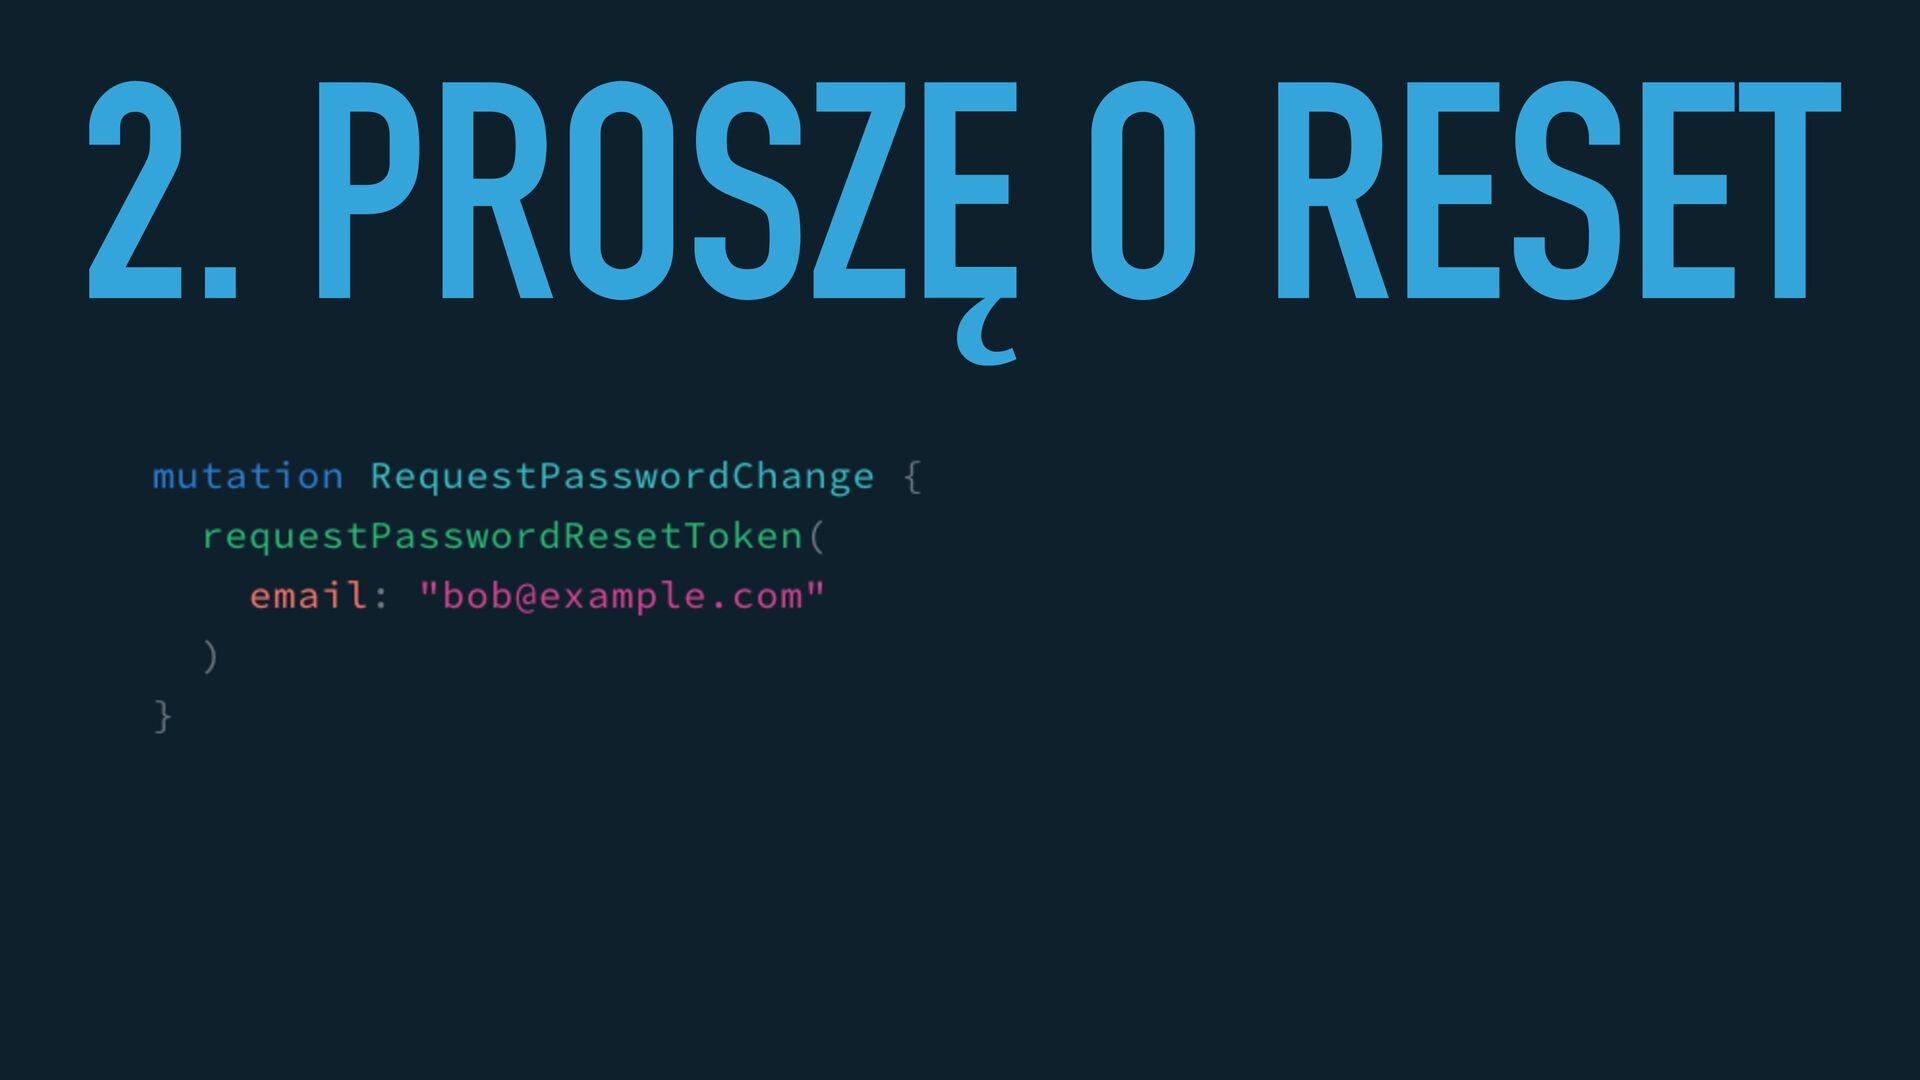 2. PROSZĘ O RESET